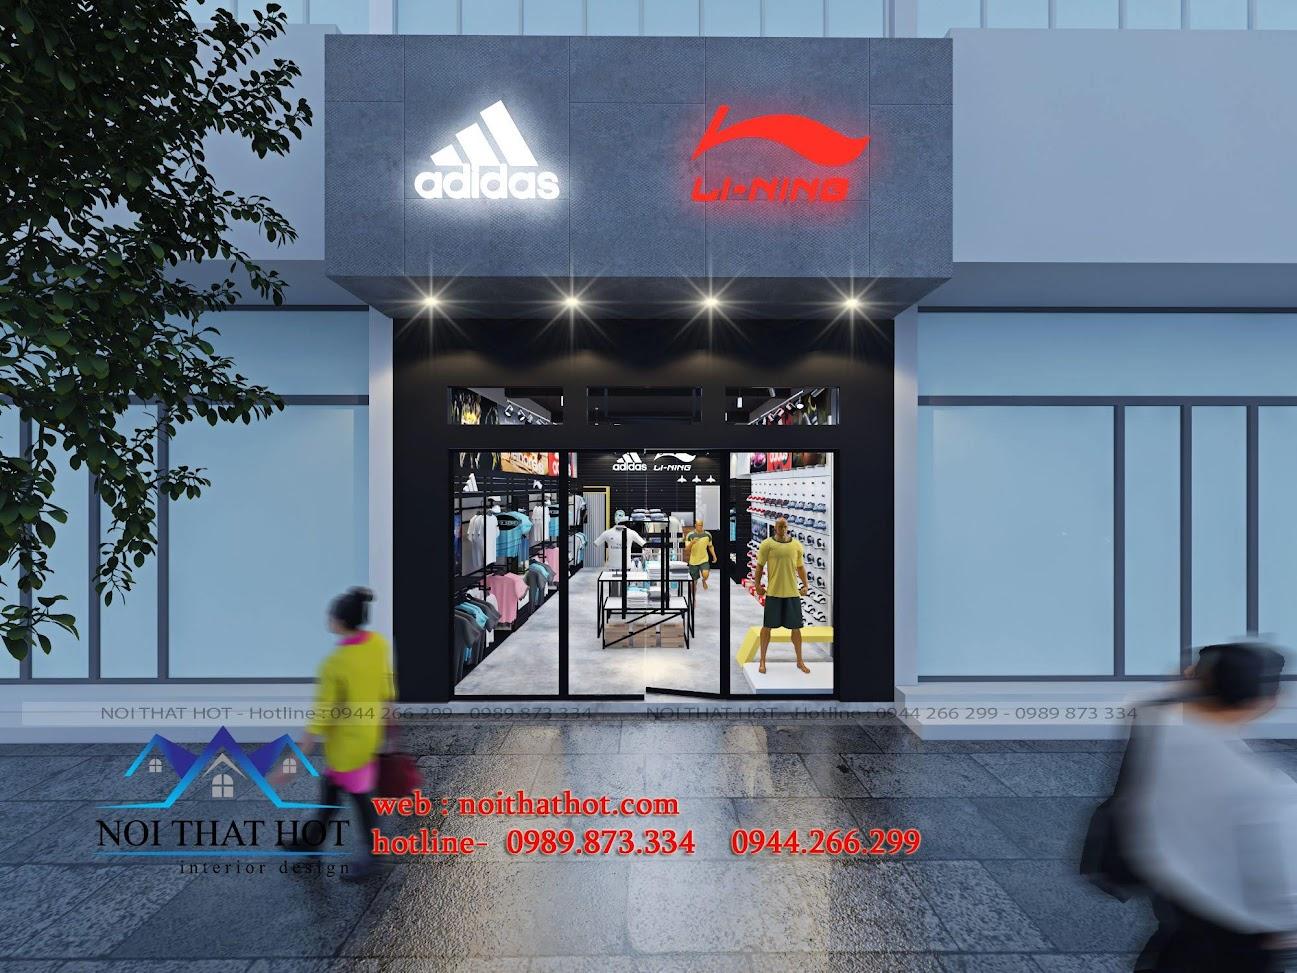 thiết kế shop thời trang adidas 1